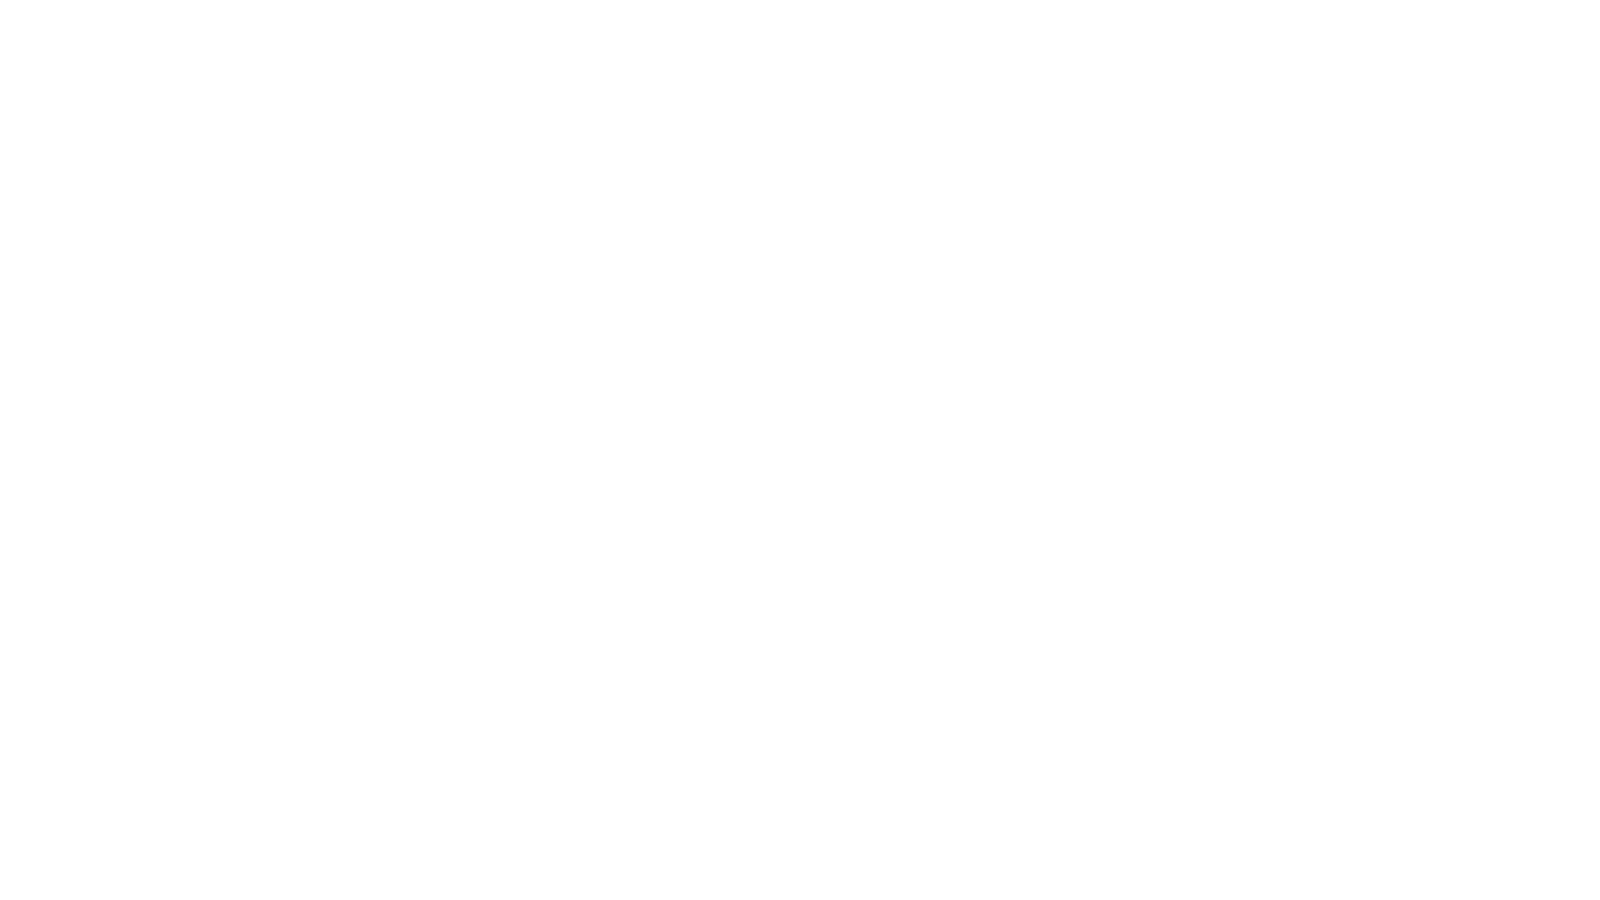 Arnt Rune Flekstad og Bent Johan Mosfjell samtaler om hvordan koronatiltakene påvirker næringslivet. Usikkerheten og restriksjonen tar fra mange mennesker livsverket.   Bent Johans hjørne spilles inn i biblioteket til Liberalerens redaktør, Bent Johan Mosfjell. Ulike gjester samtaler om emner som forhåpentligvis er av interesse for liberale mennesker.